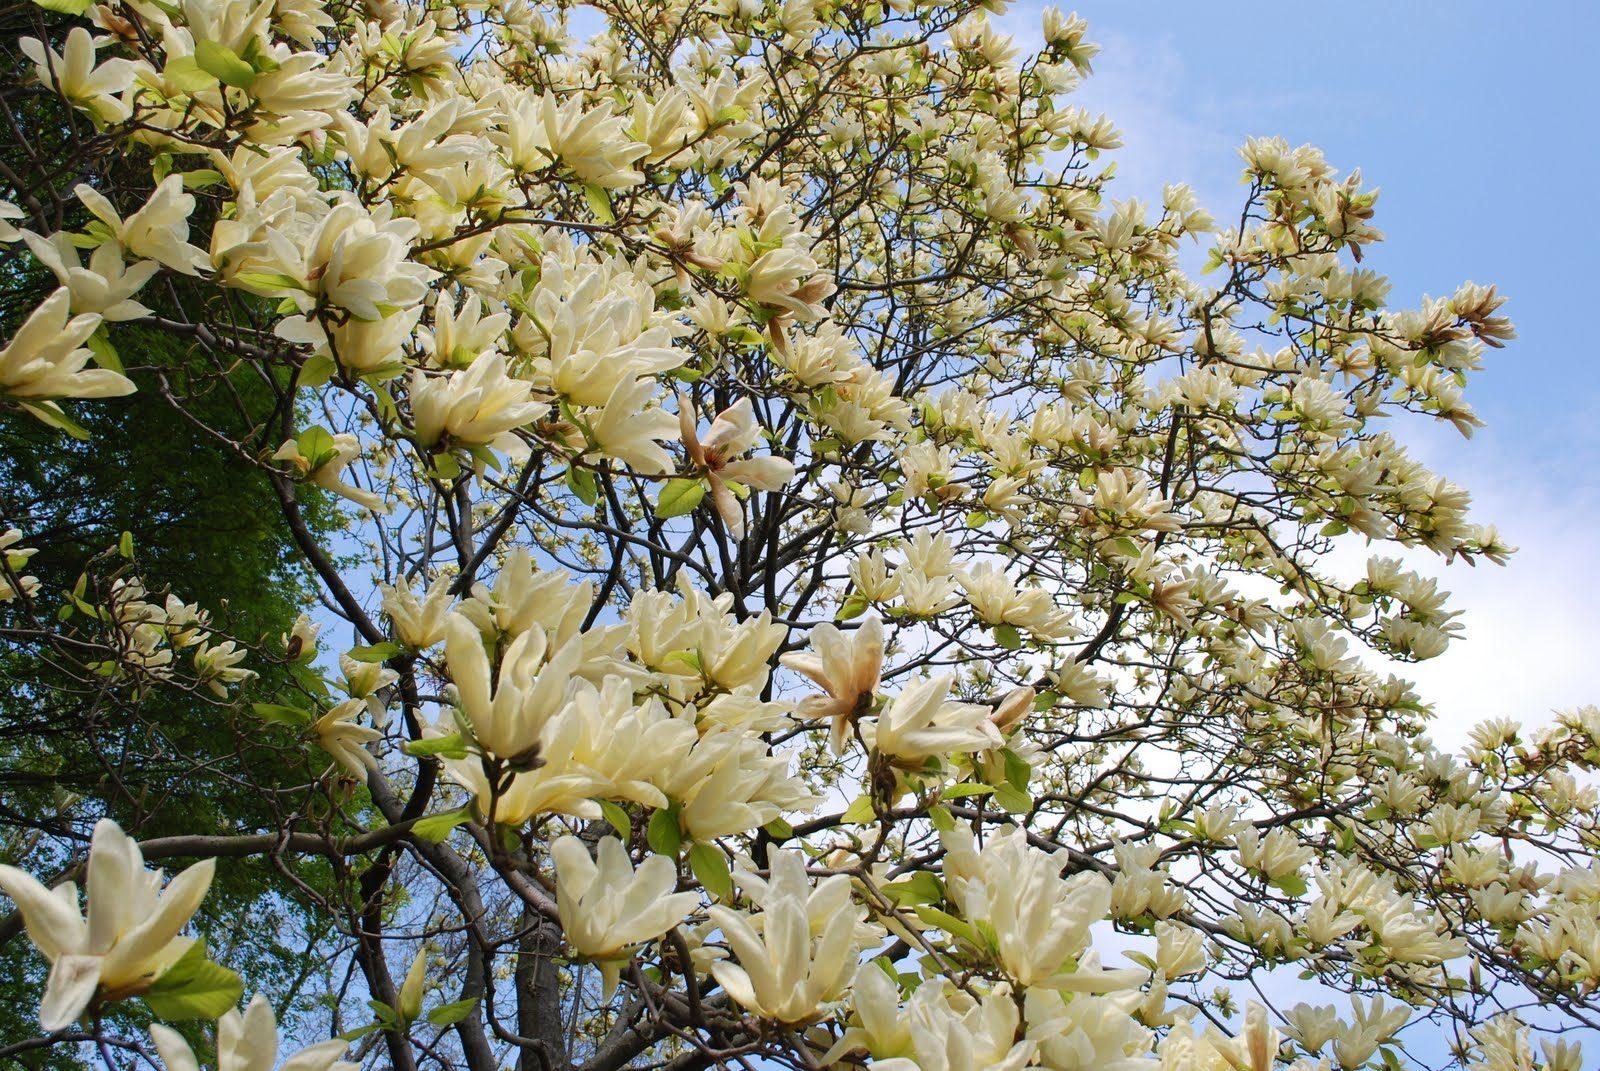 Magnolias en el rbol im genes y fotos - Abono para magnolios ...